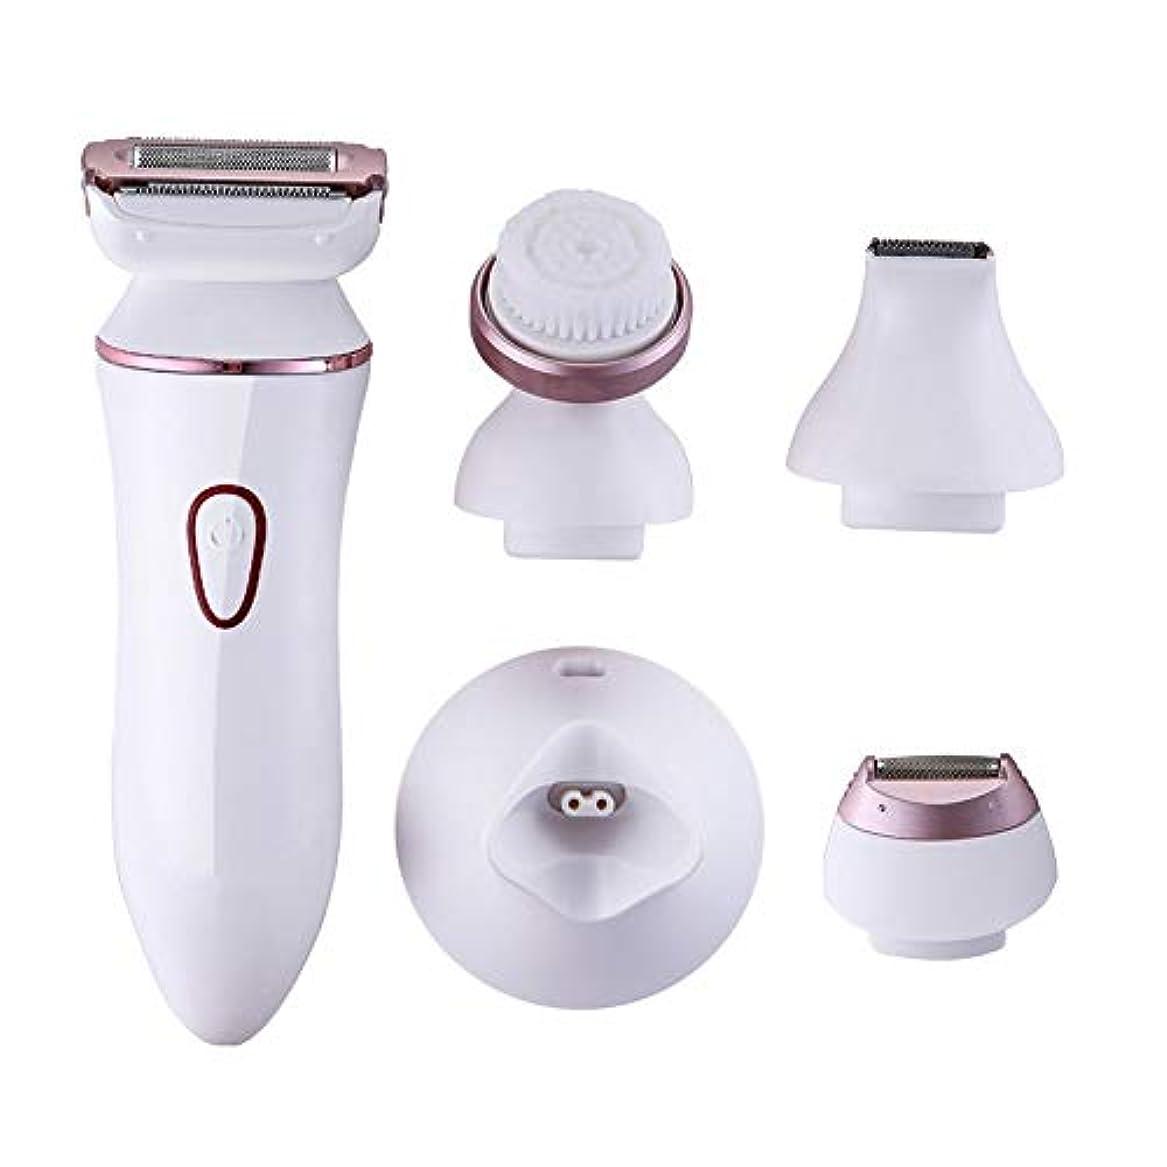 一貫したゲスト時々QAZ 女性の電気シェーバー無線女性電気かみそりひげクリーニングと防水脚トリマーの脱毛器、ドライ/ウェット充電式レディースレイザー+マニキュアセット(1では4)